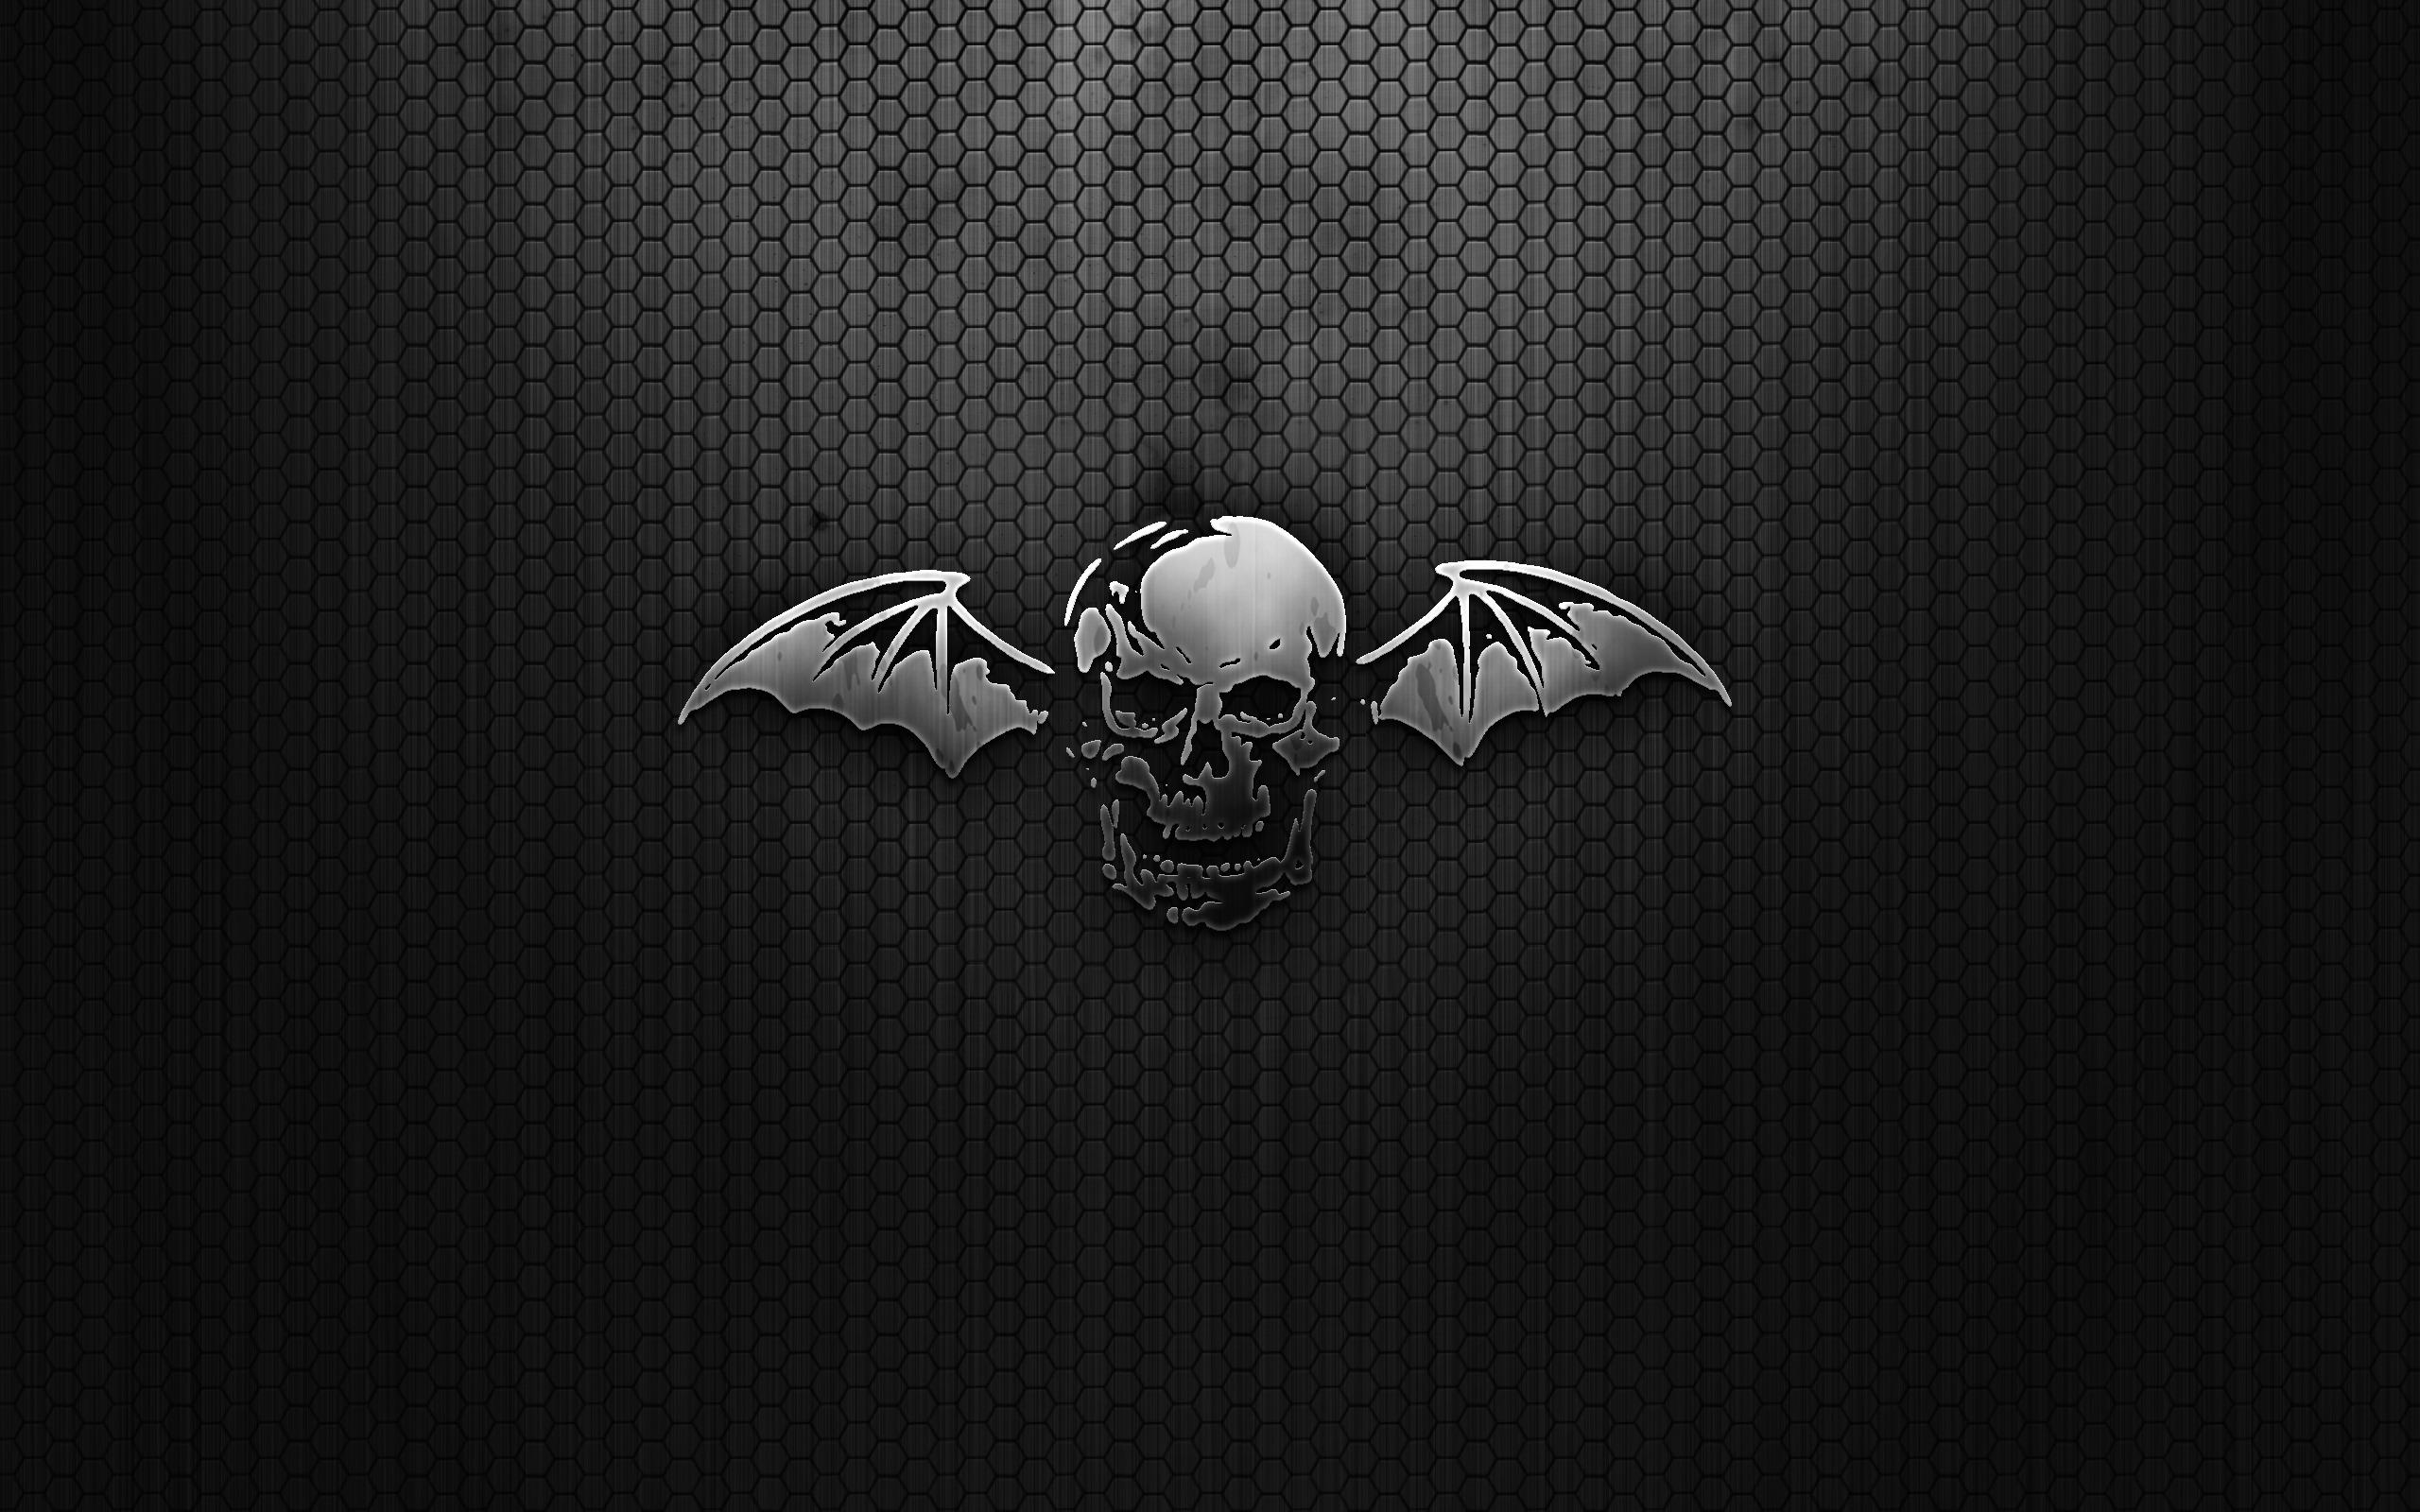 free avenged sevenfold wallpaper 22478